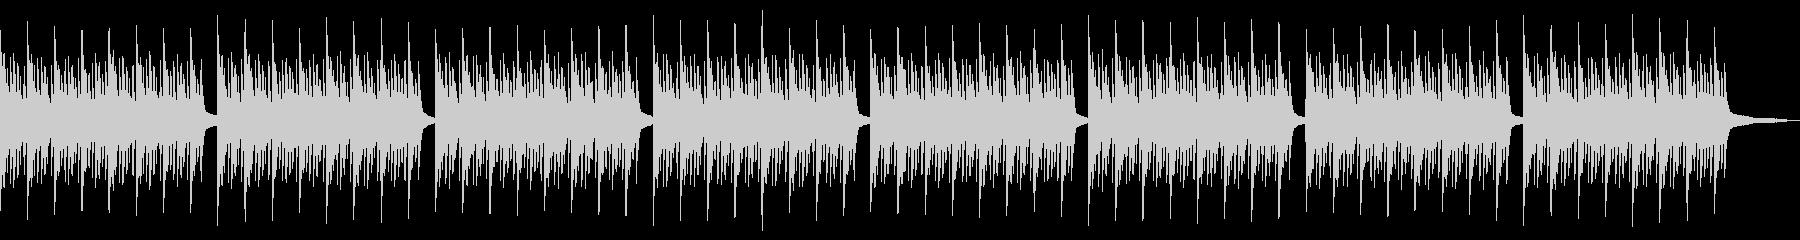 神秘的なピアノアンビエントの未再生の波形